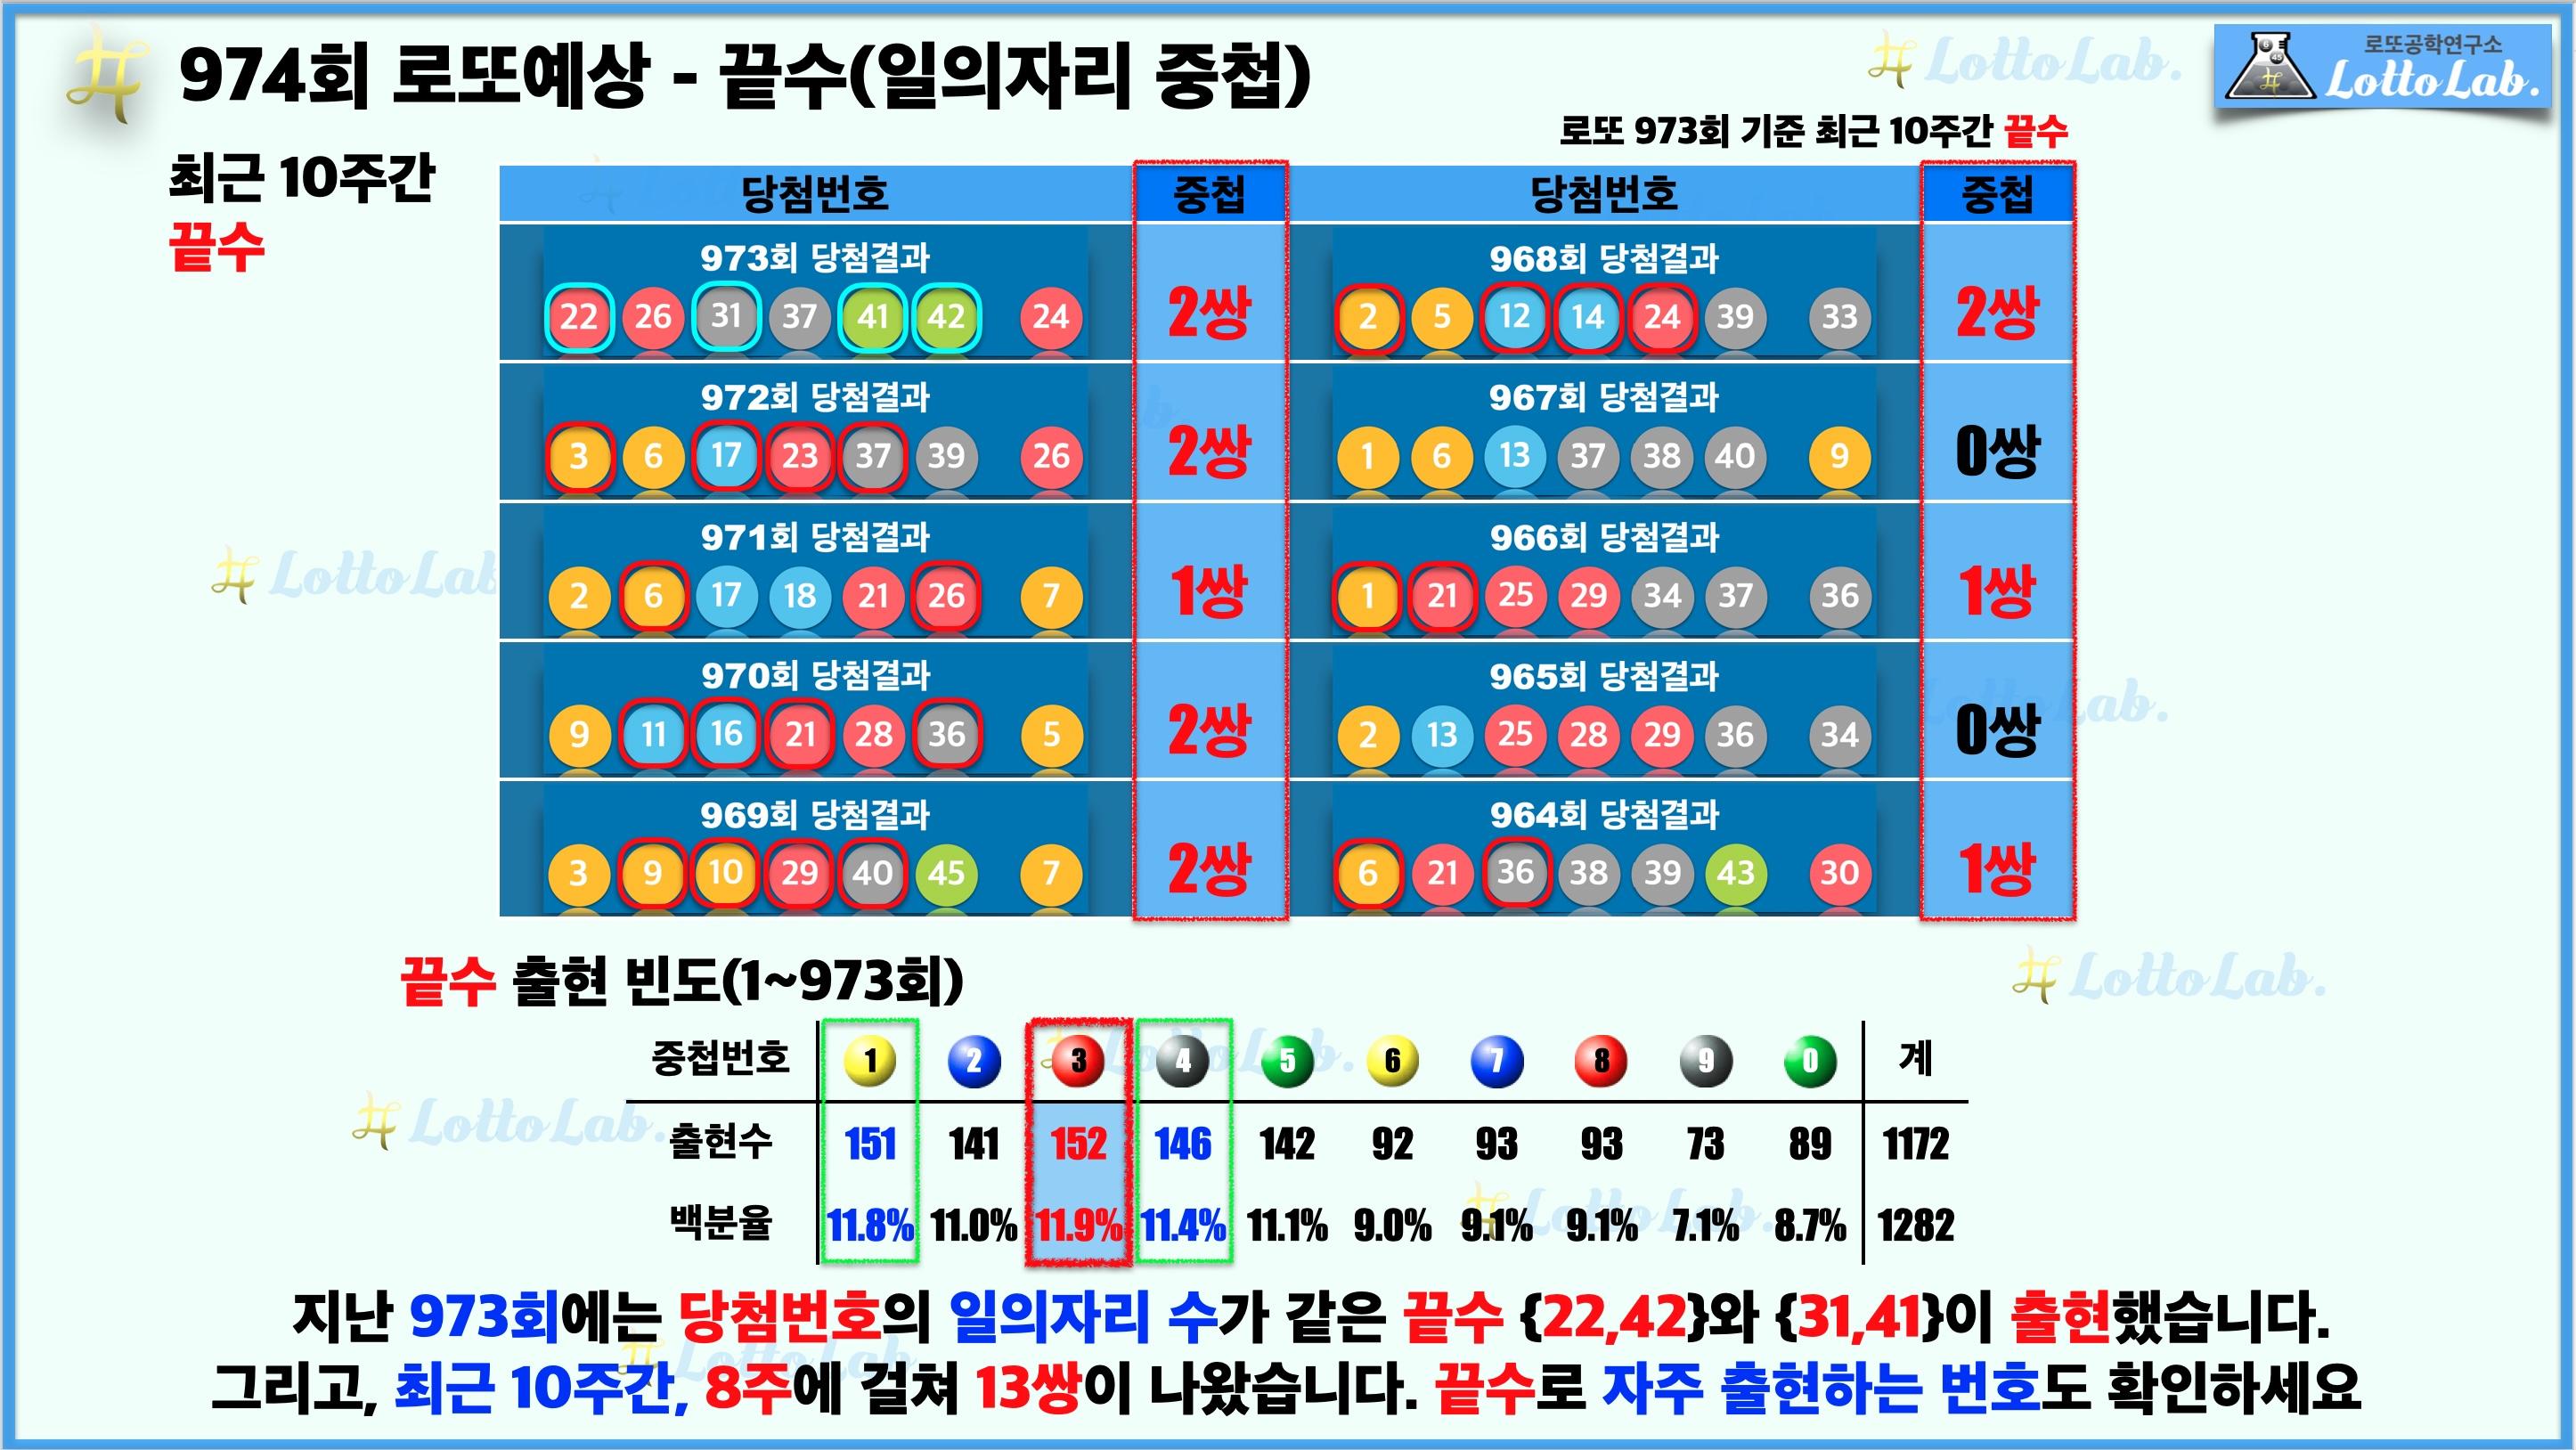 로또랩 로또974 당첨 번호 예상 - 끝수